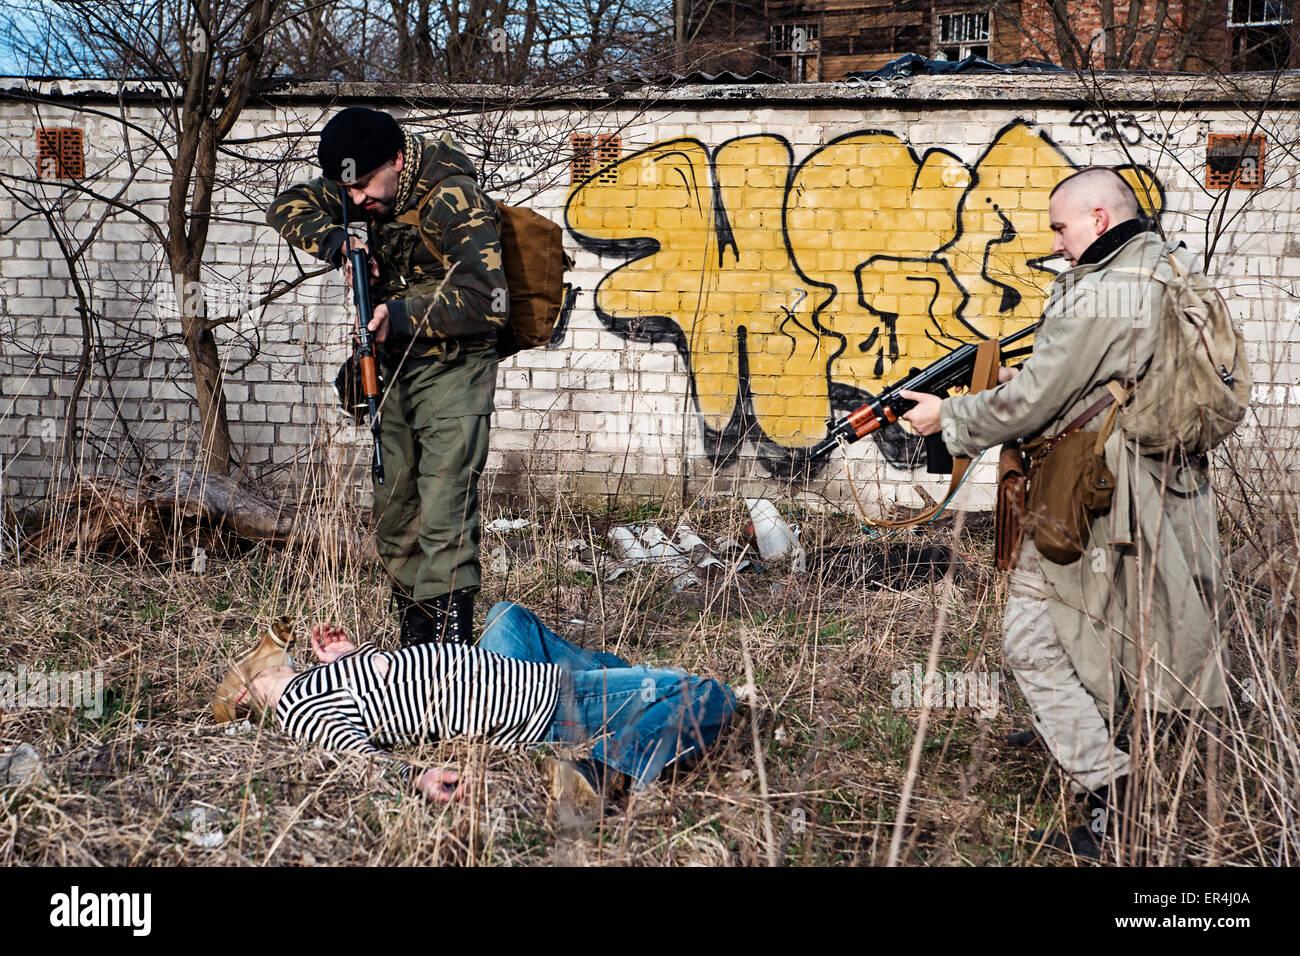 Dos compañeros disparó al extraño hombre demente Imagen De Stock